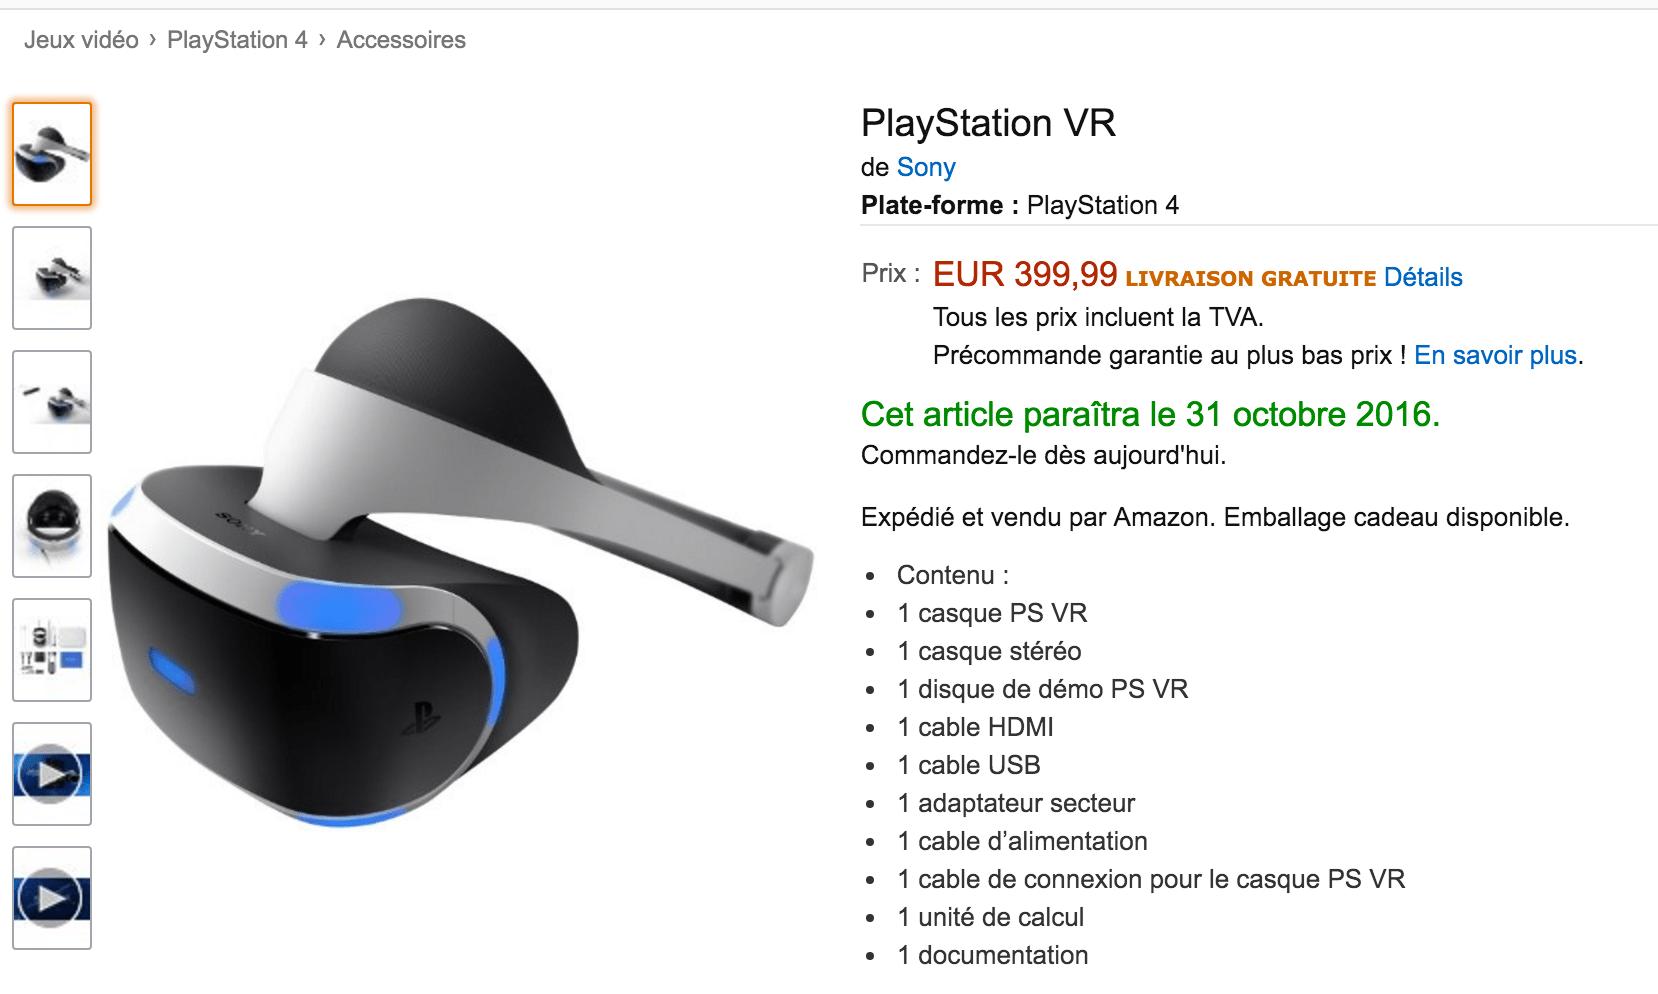 Le Playstation VR est disponible en pré-commande sur Amazon